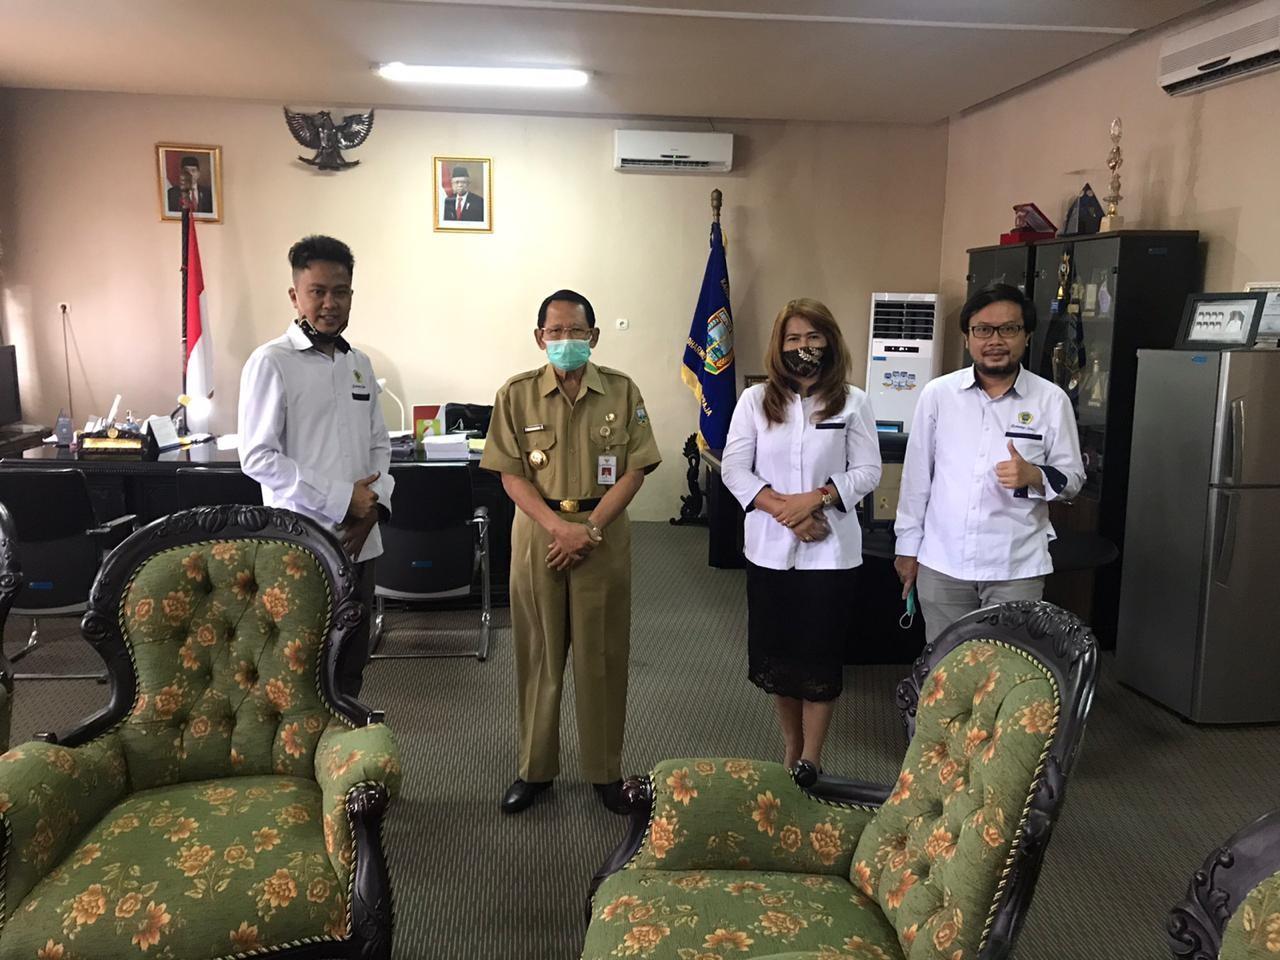 Dosen Program Studi S1 Hukum Melakukan Kunjungan Ke Bupati Kabupaten Semarang